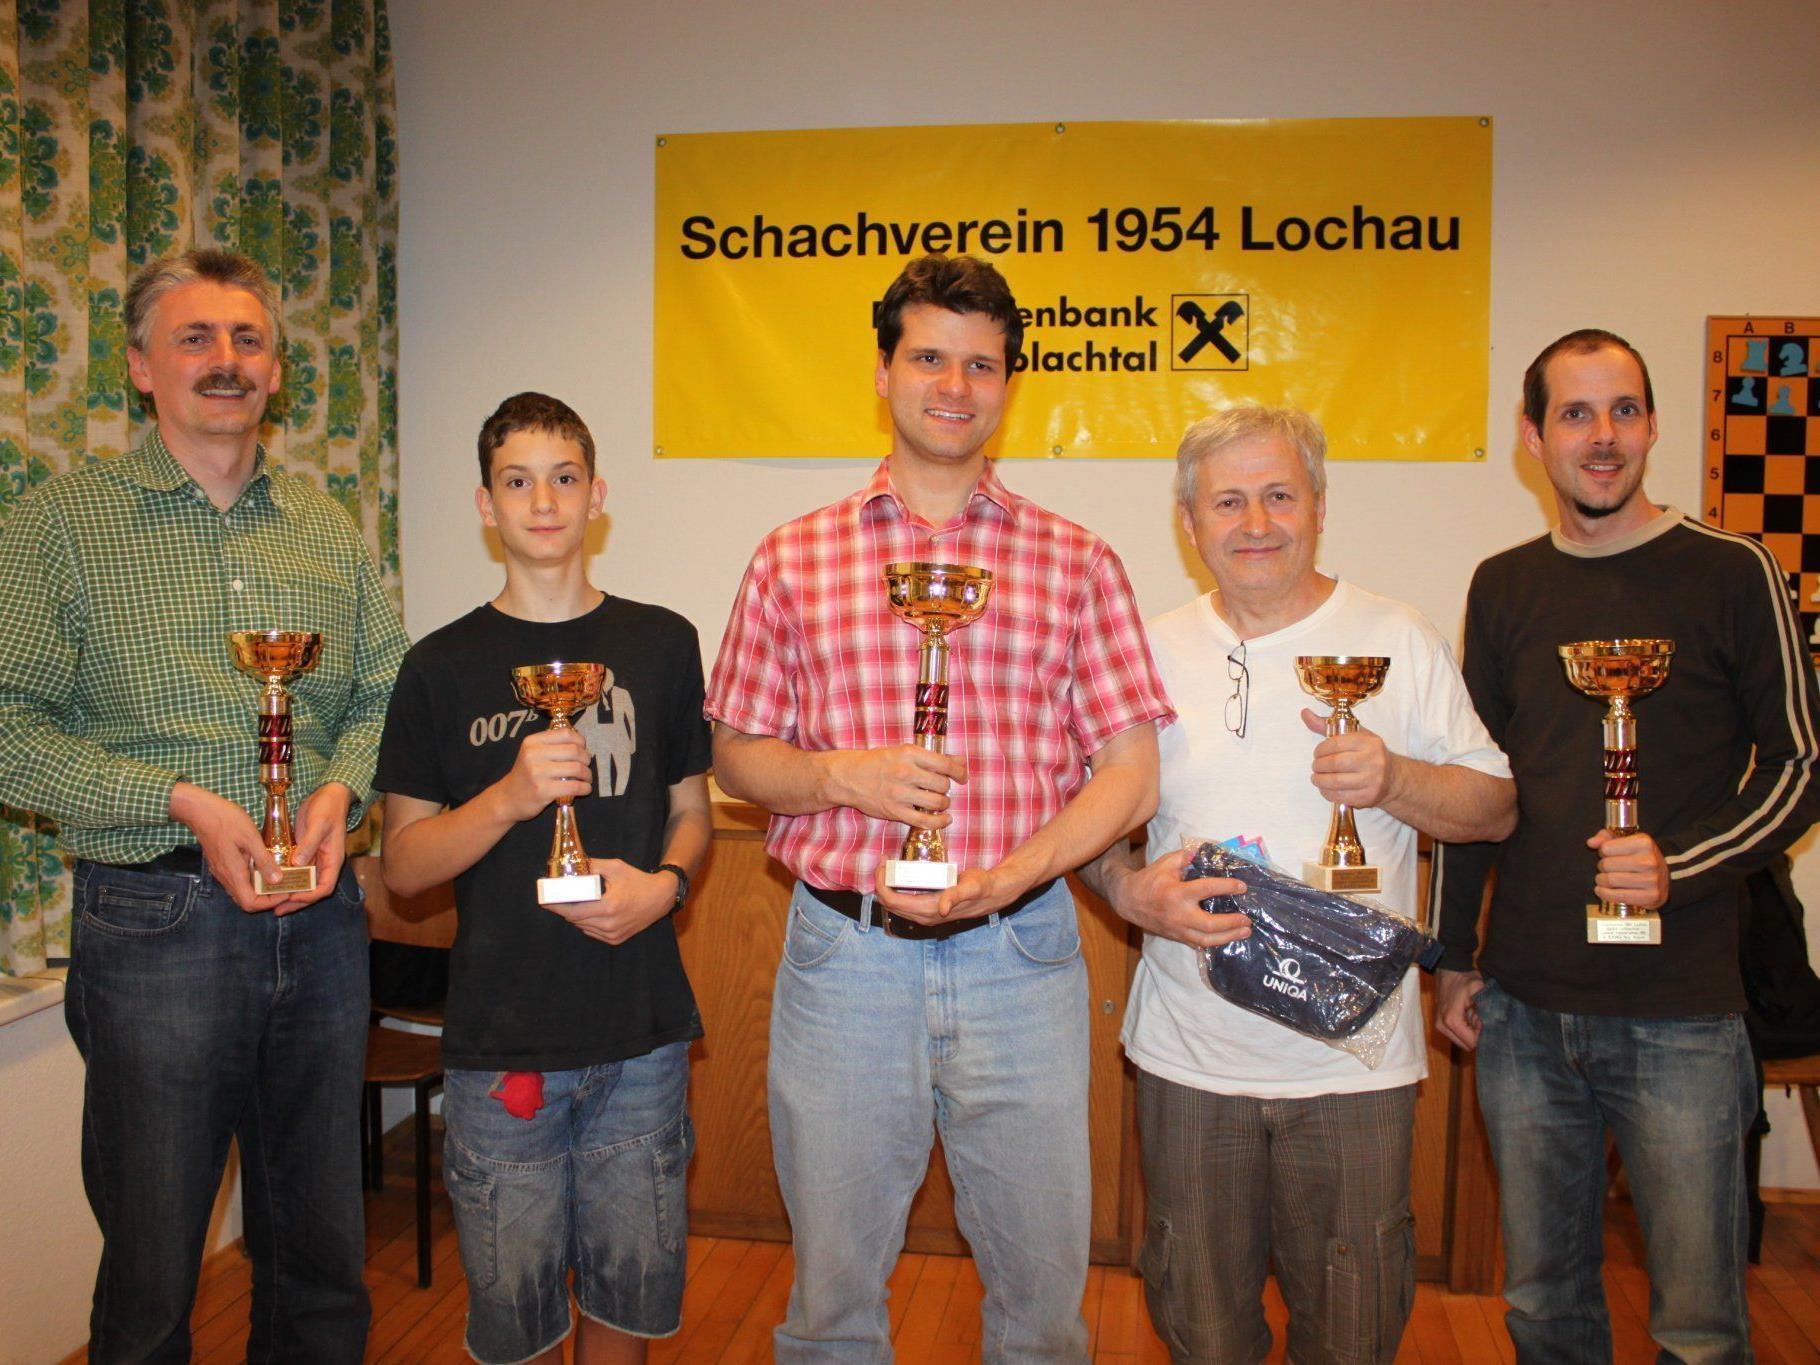 """Siegerbild des """"5. Lochauer Schachtriathlon"""" mit Alois Planatscher, Benjamin Emberger, Jörg Holzmann, Rasim Hasovic und Peter Ladner, von links."""